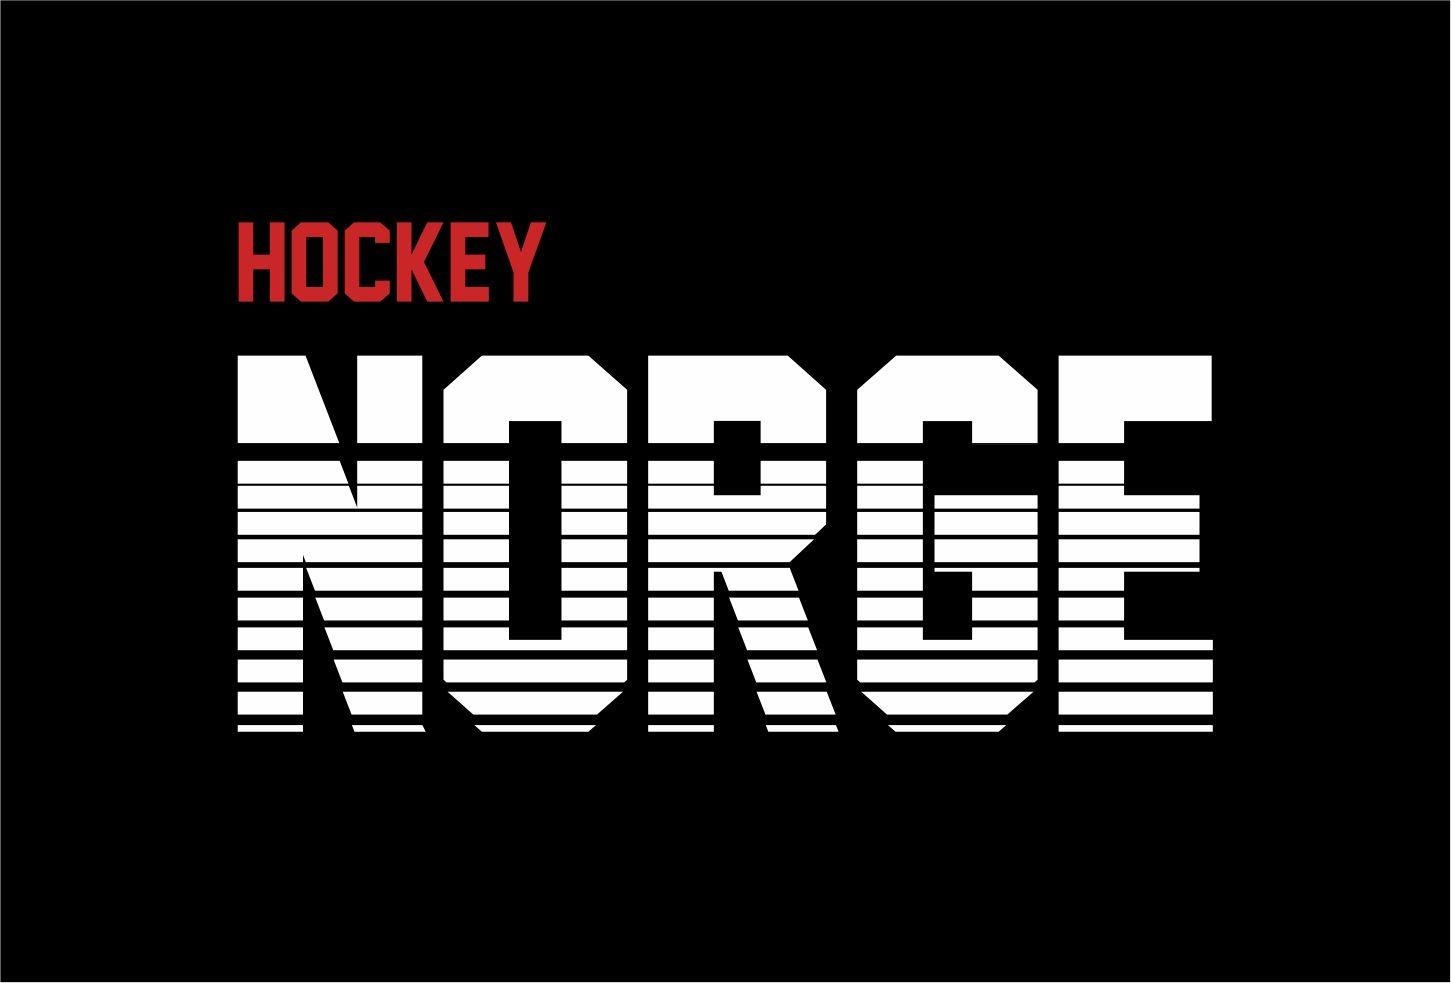 NORGE HOCKEY - iamhockey